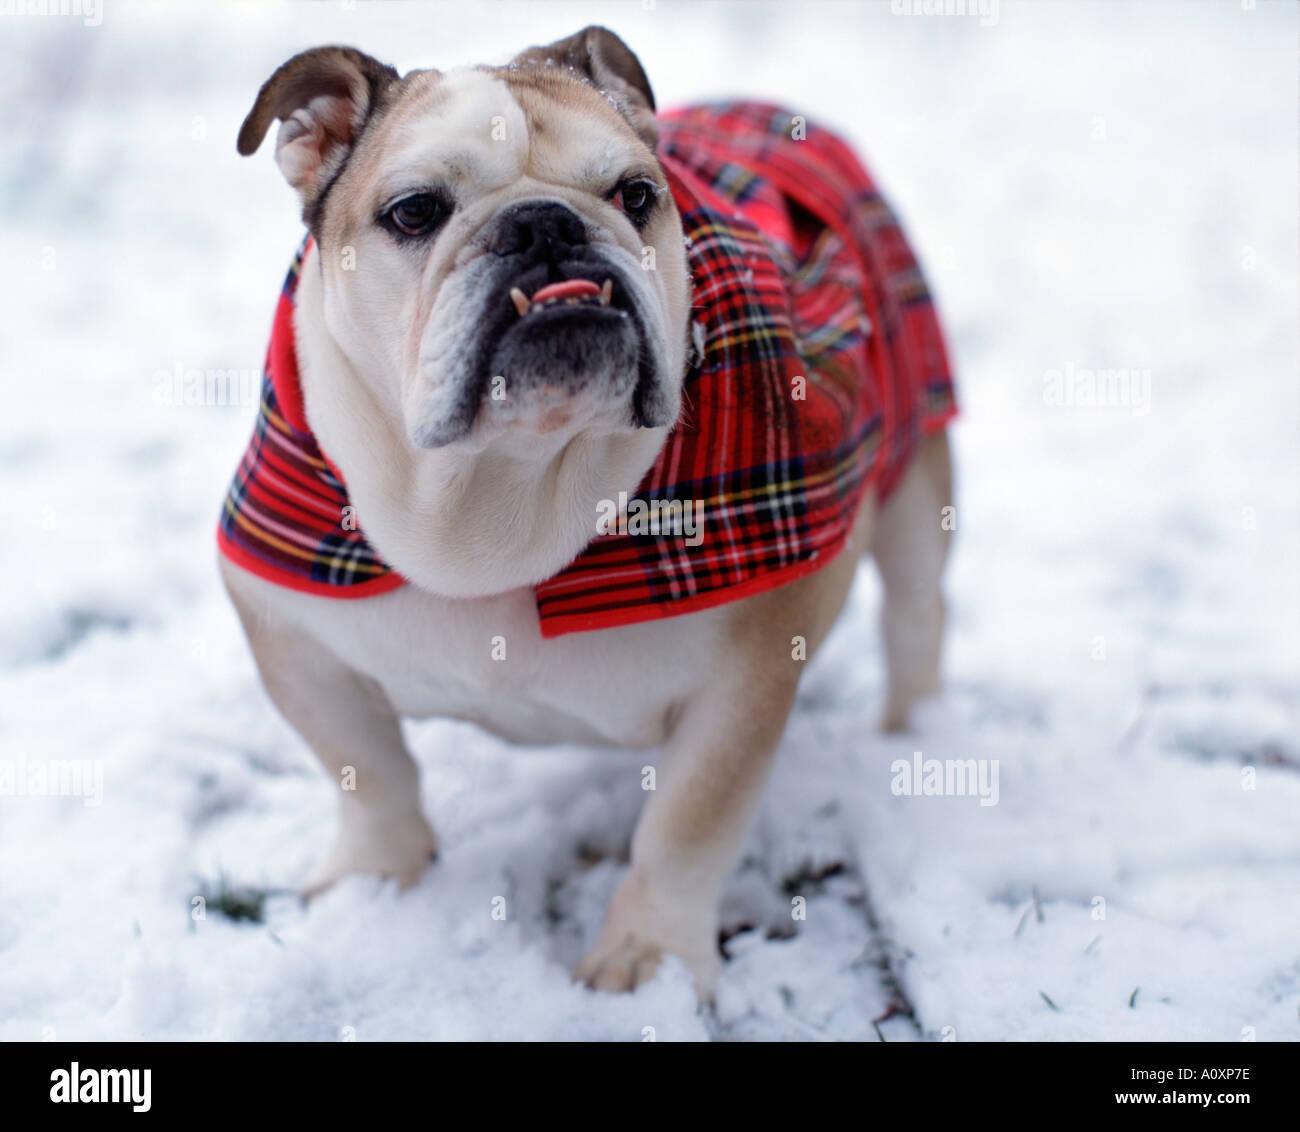 British Bulldog on walk in snow - Stock Image